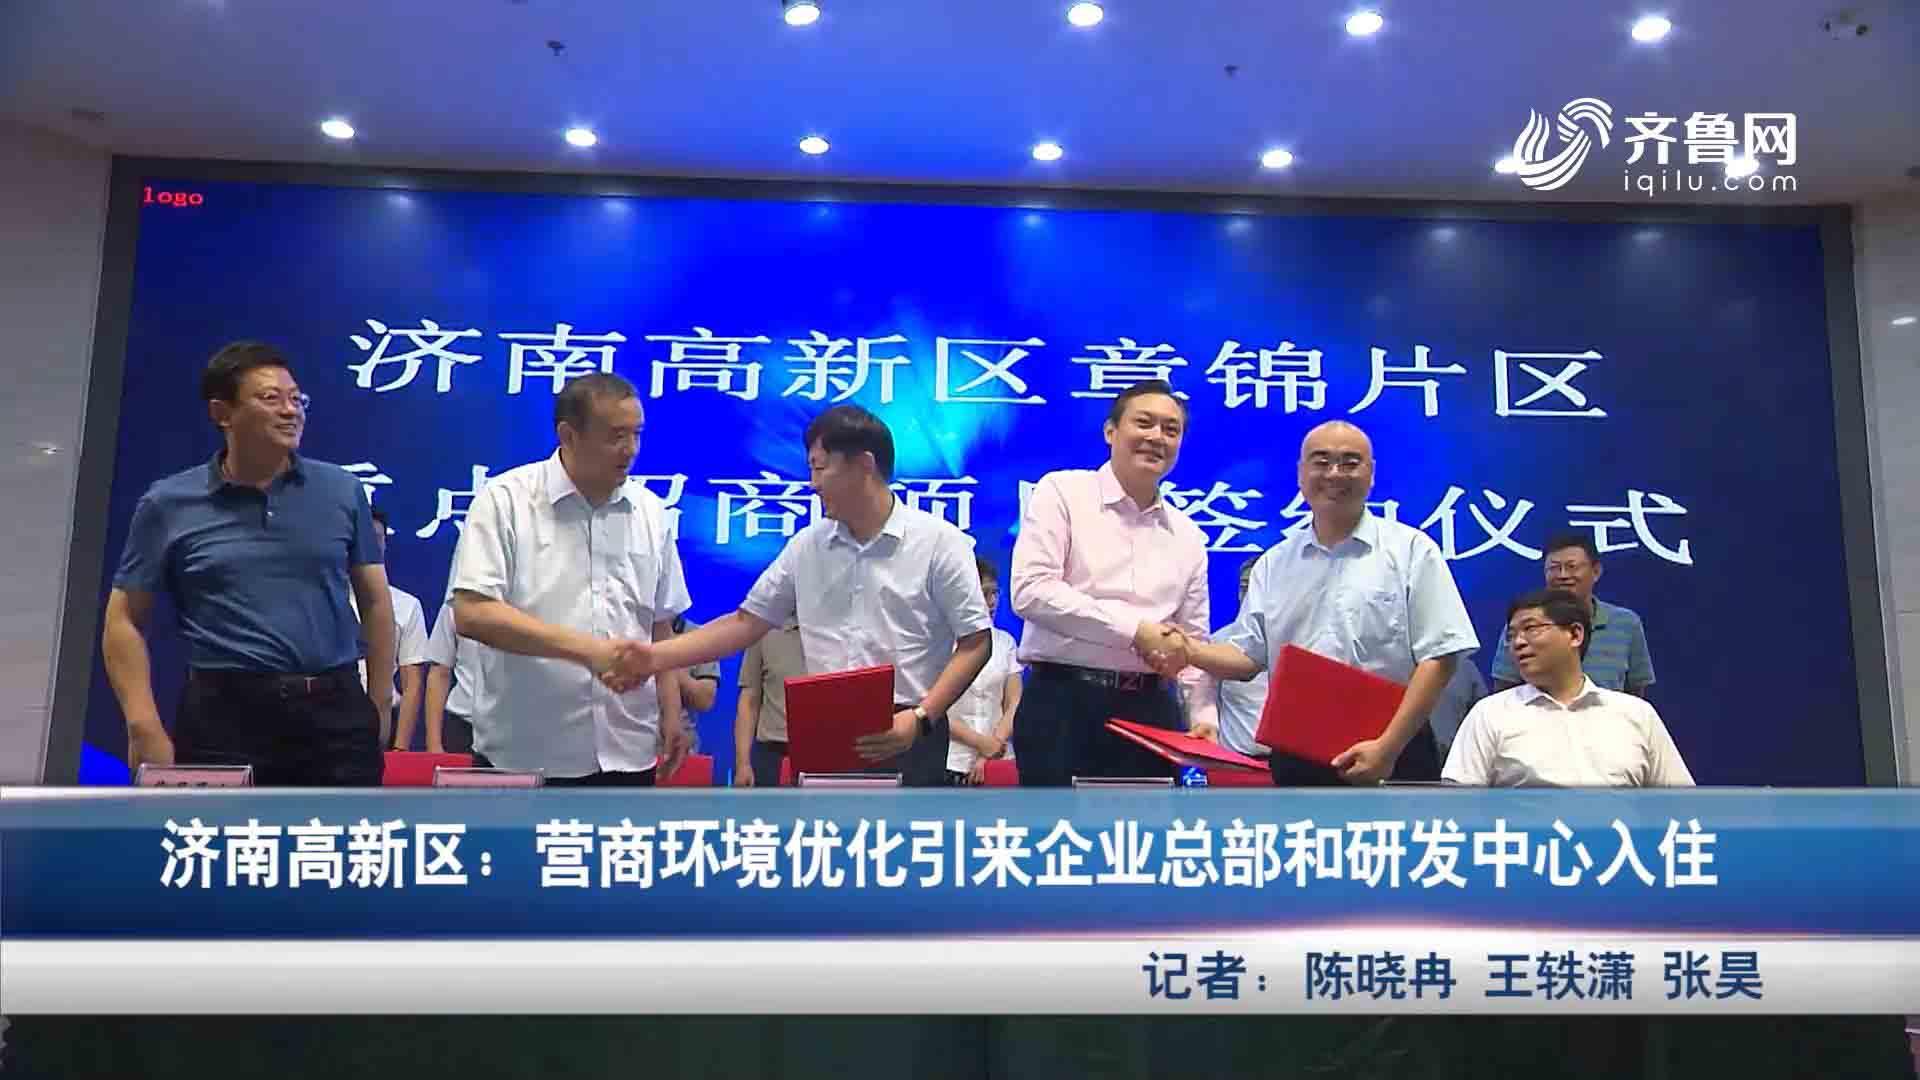 济南高新区营商环境优化引来企业总部和研发中心入驻